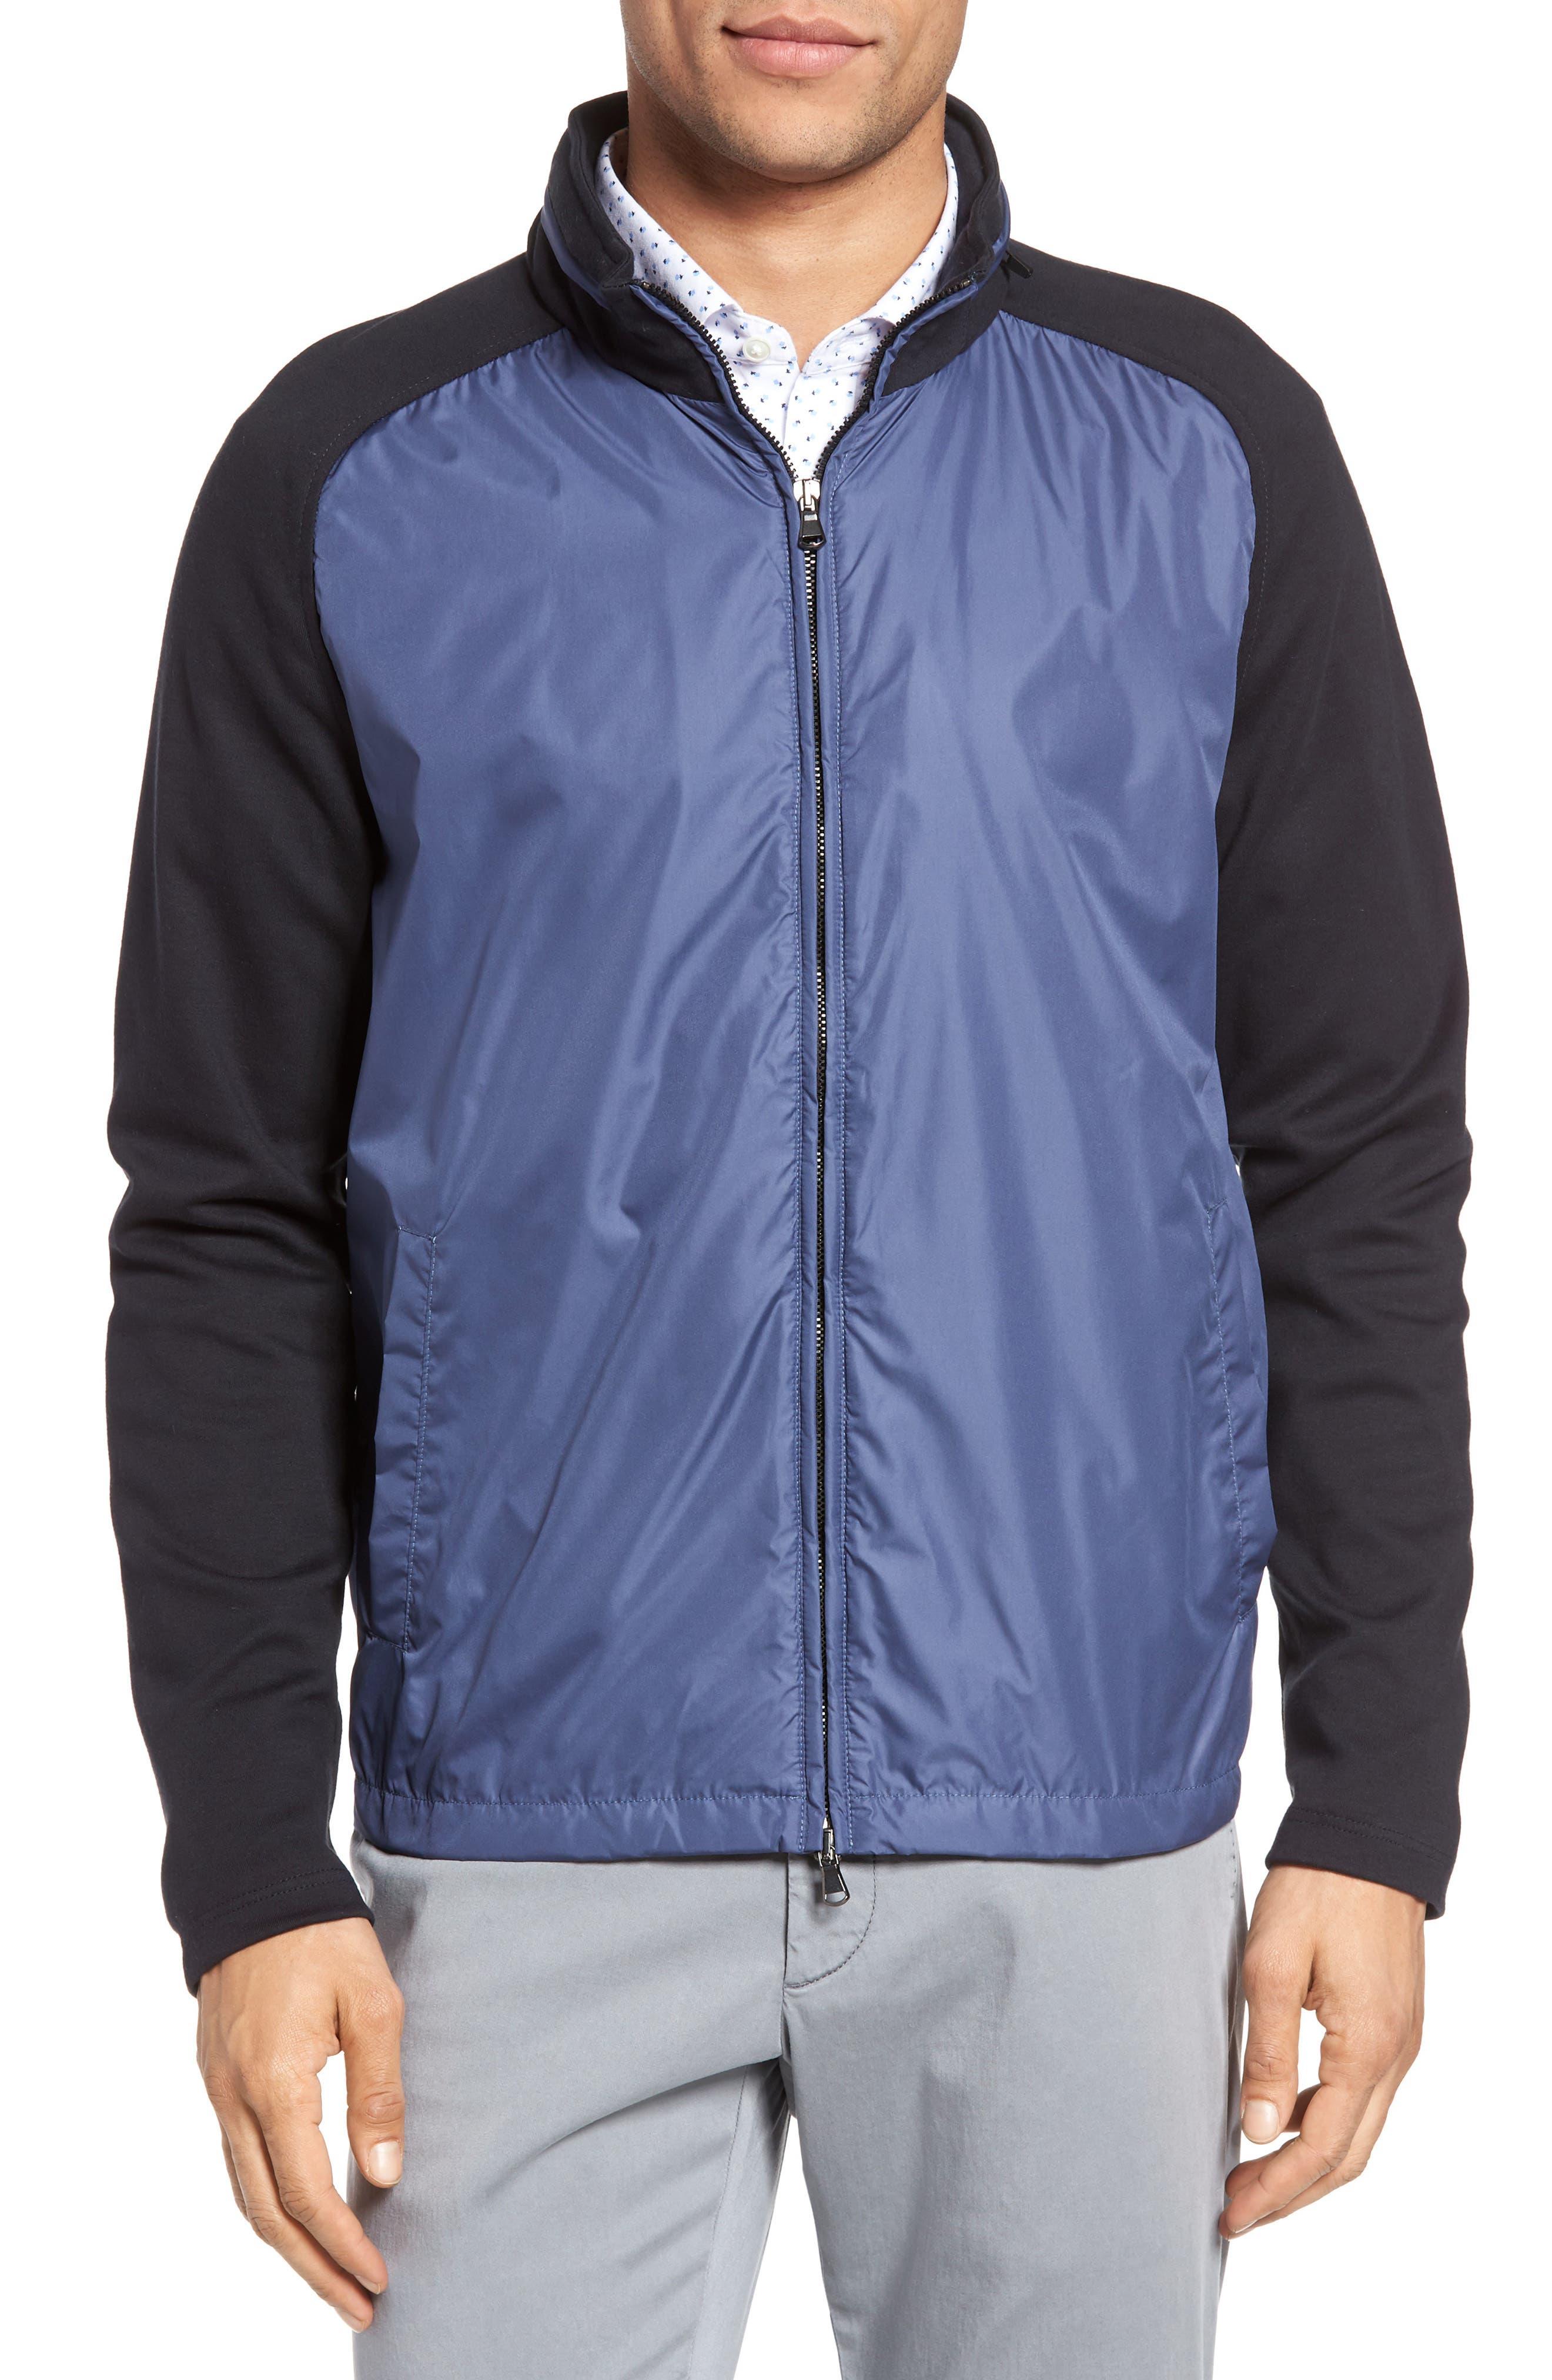 Main Image - Zachary Prell Syconium Mixed Media Zip Front Jacket